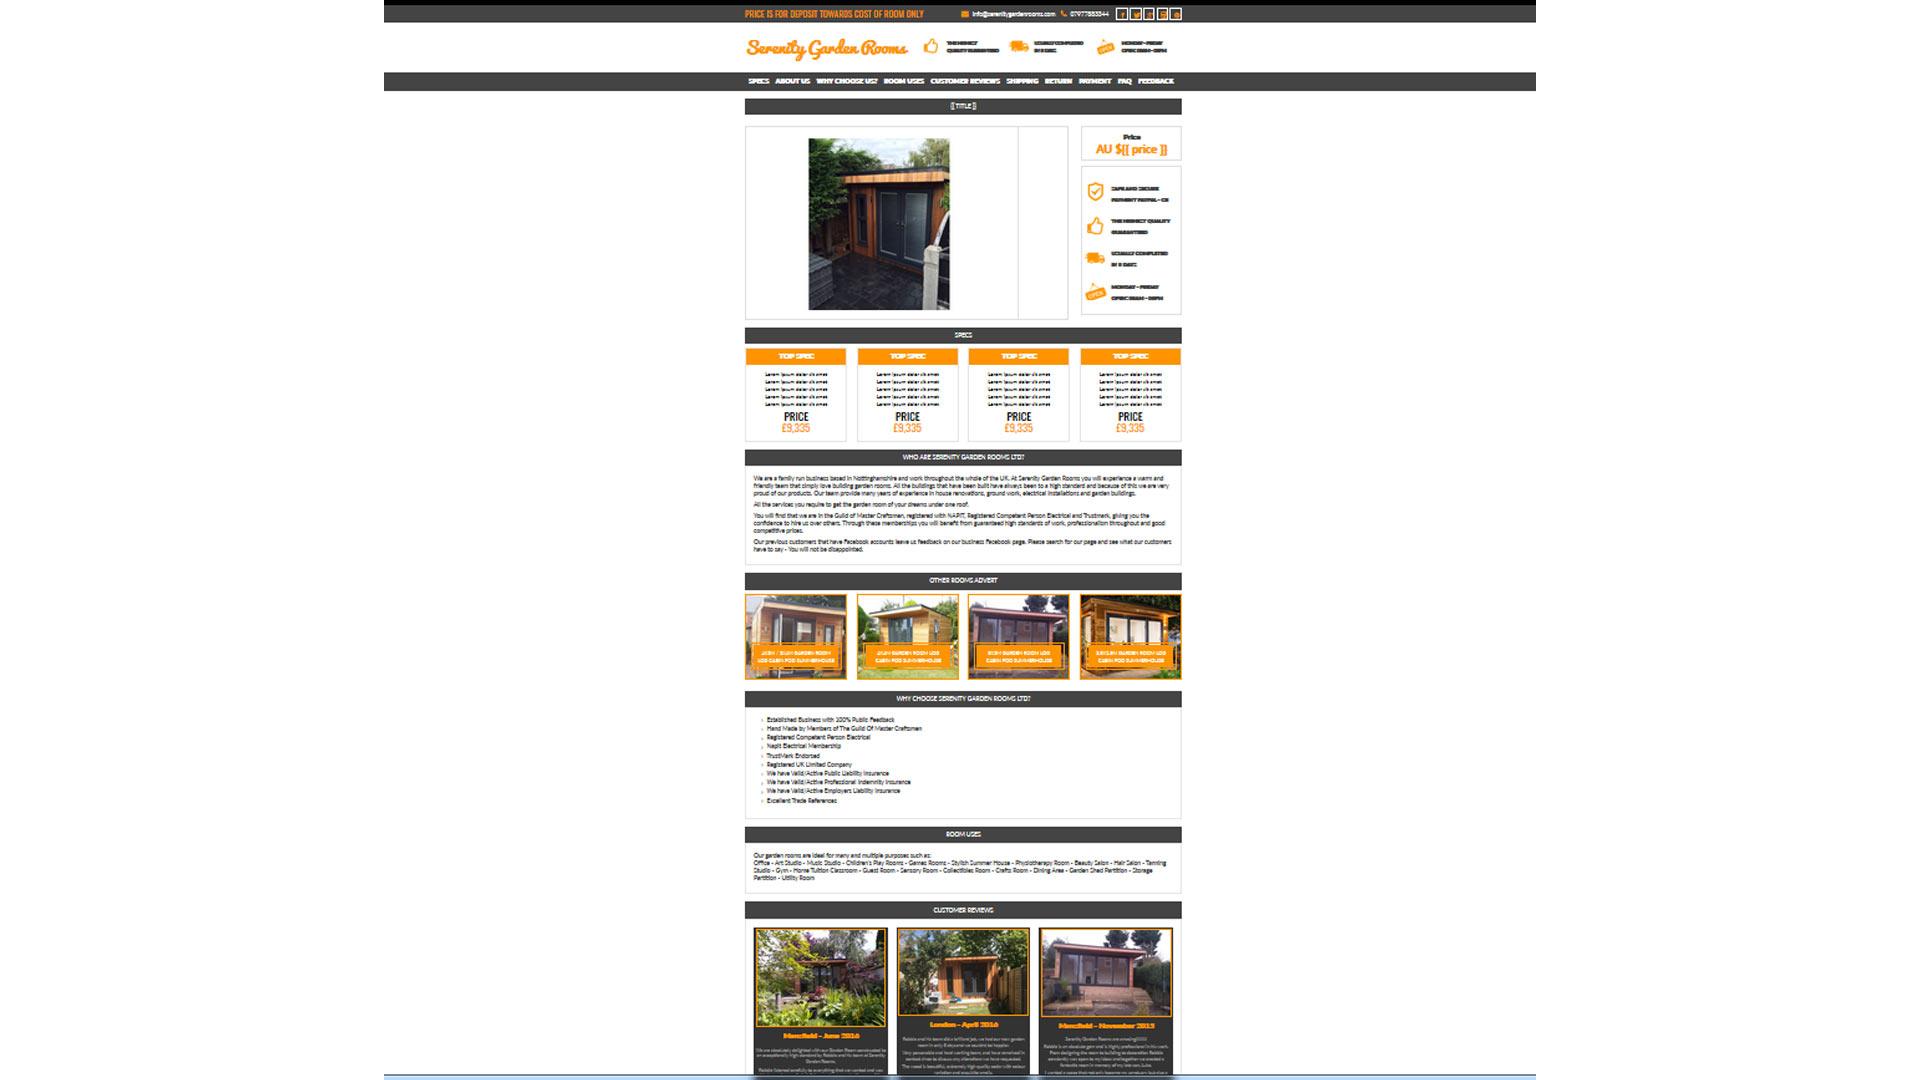 Serenitygardenrooms listing ebay template zeinebay for Ebay template design software